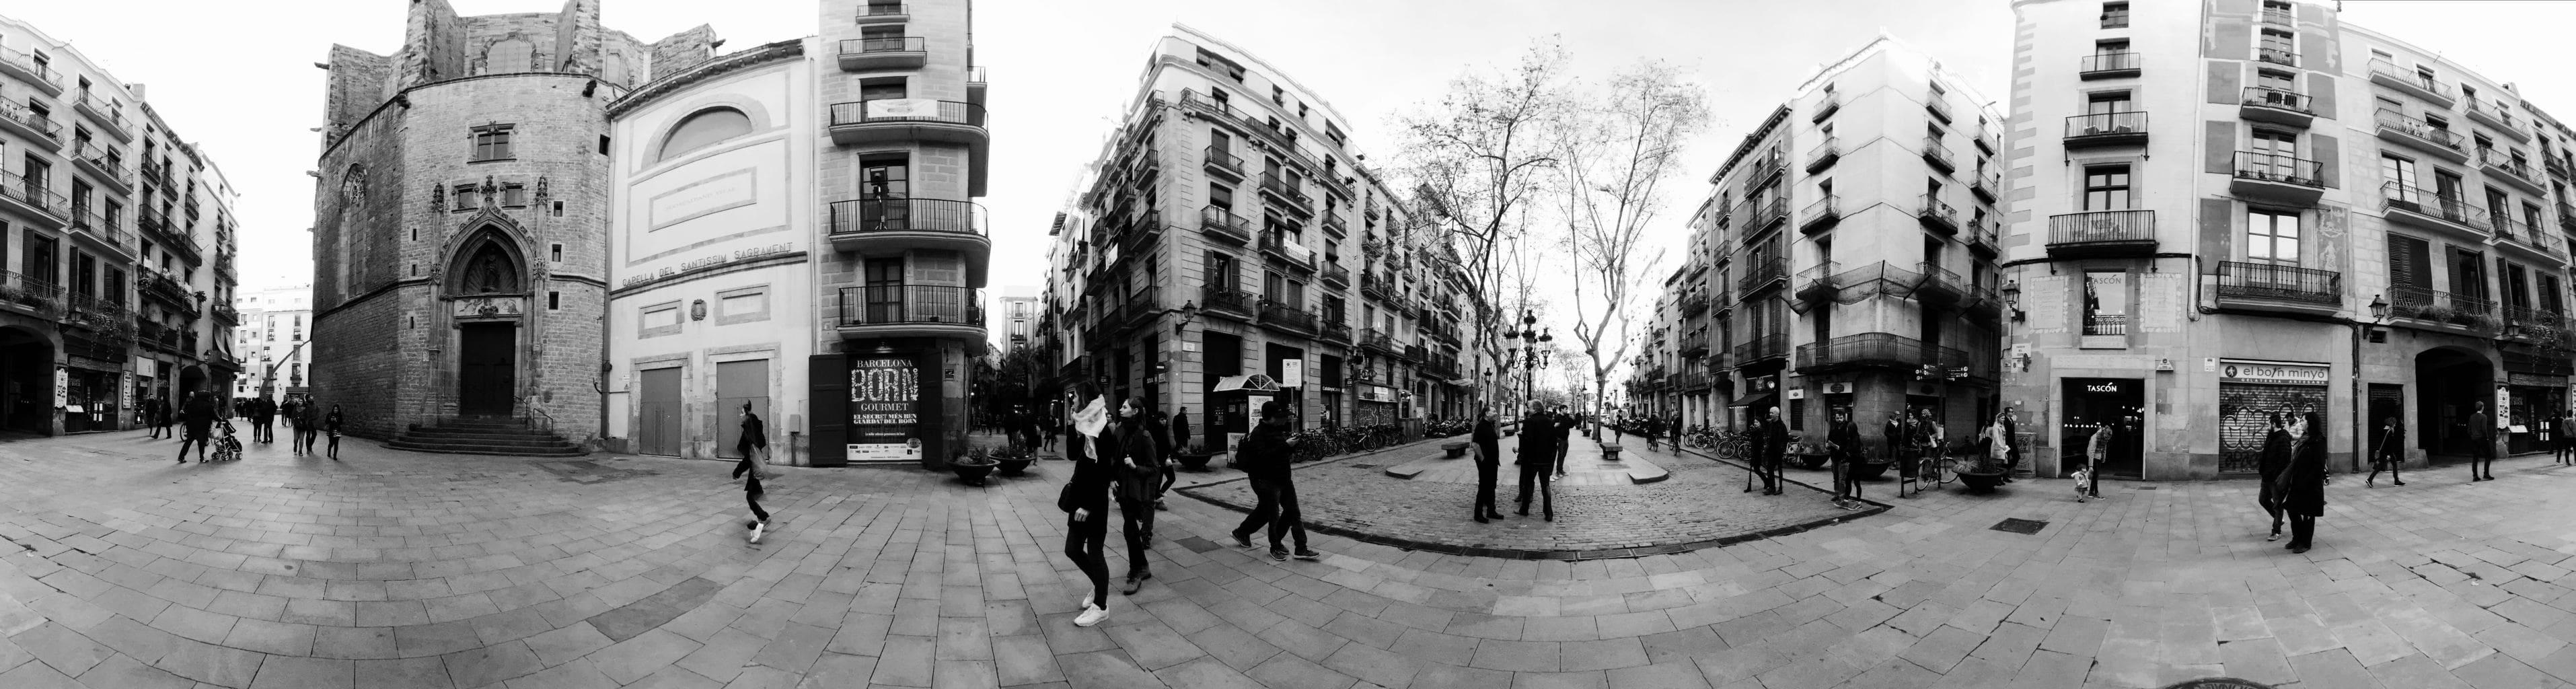 Fotografía móvil panorámica en blanco y negro de barrio de Barcelona